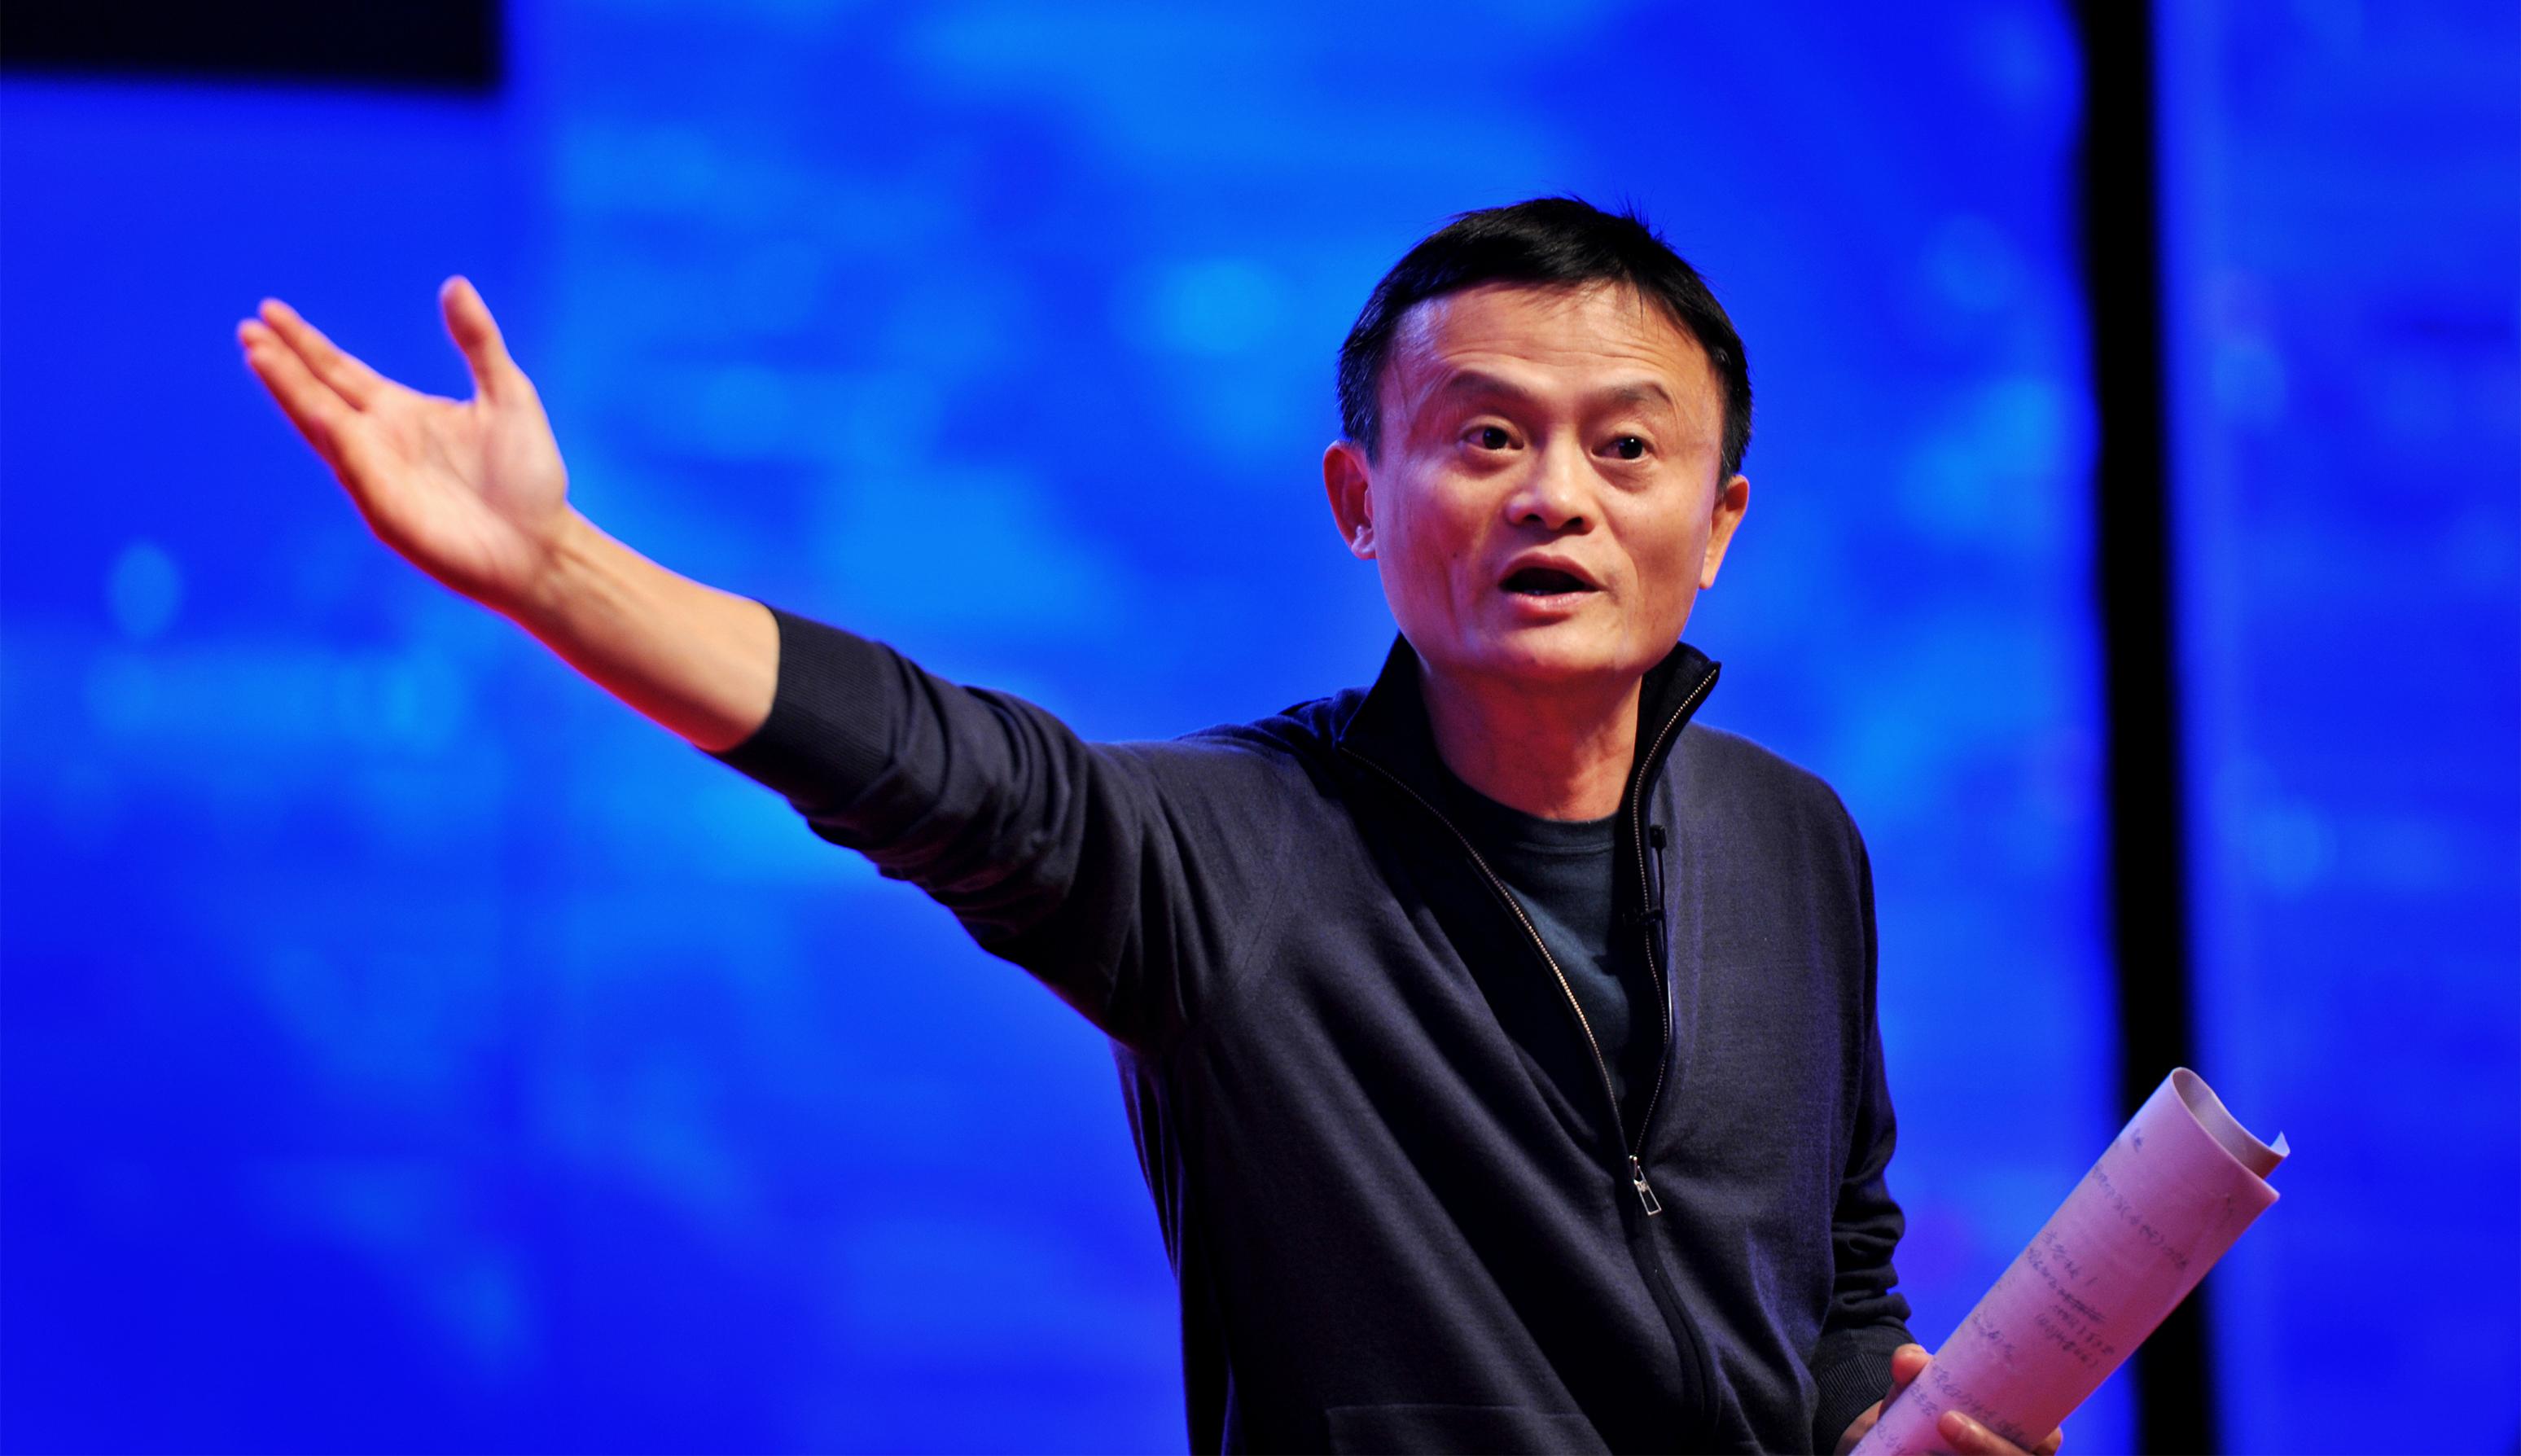 jackma - مؤسس شركة علي بابا Jack Ma سيستقيل الاسبوع القادم، تعرف على وجهته القادمة